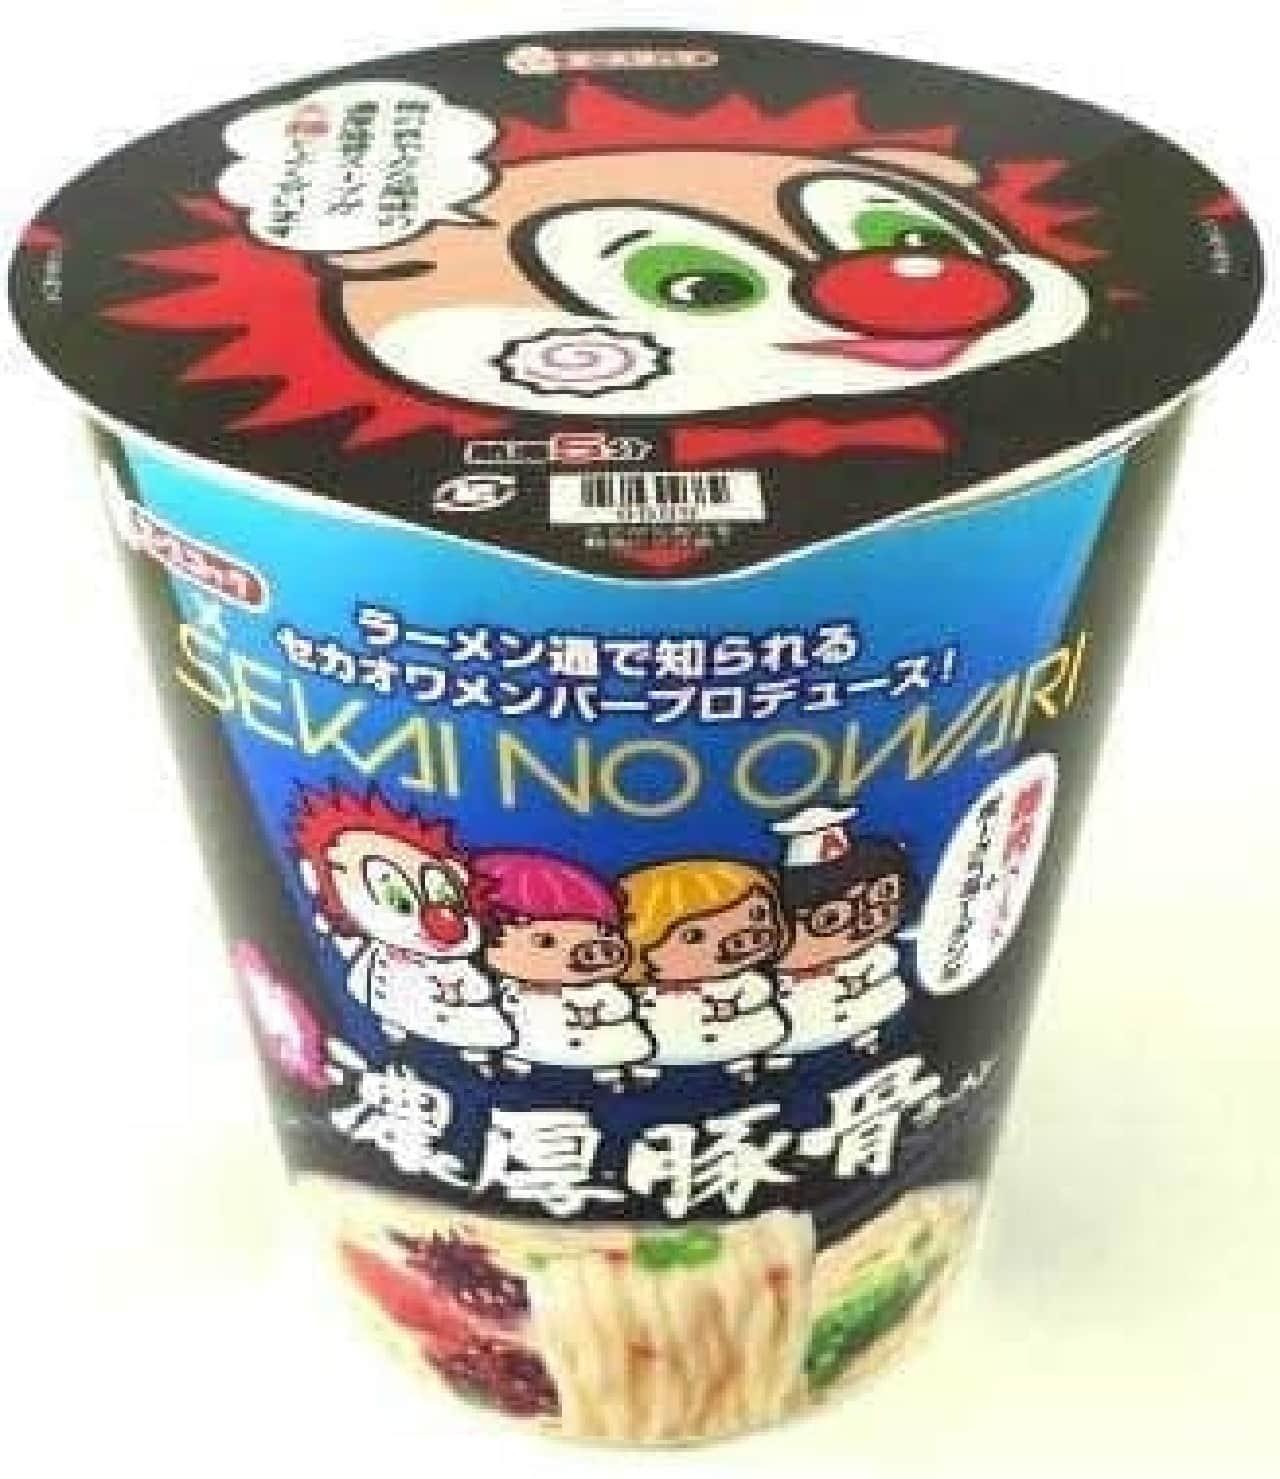 セカオワメンバーがカップ麺をプロデュース!